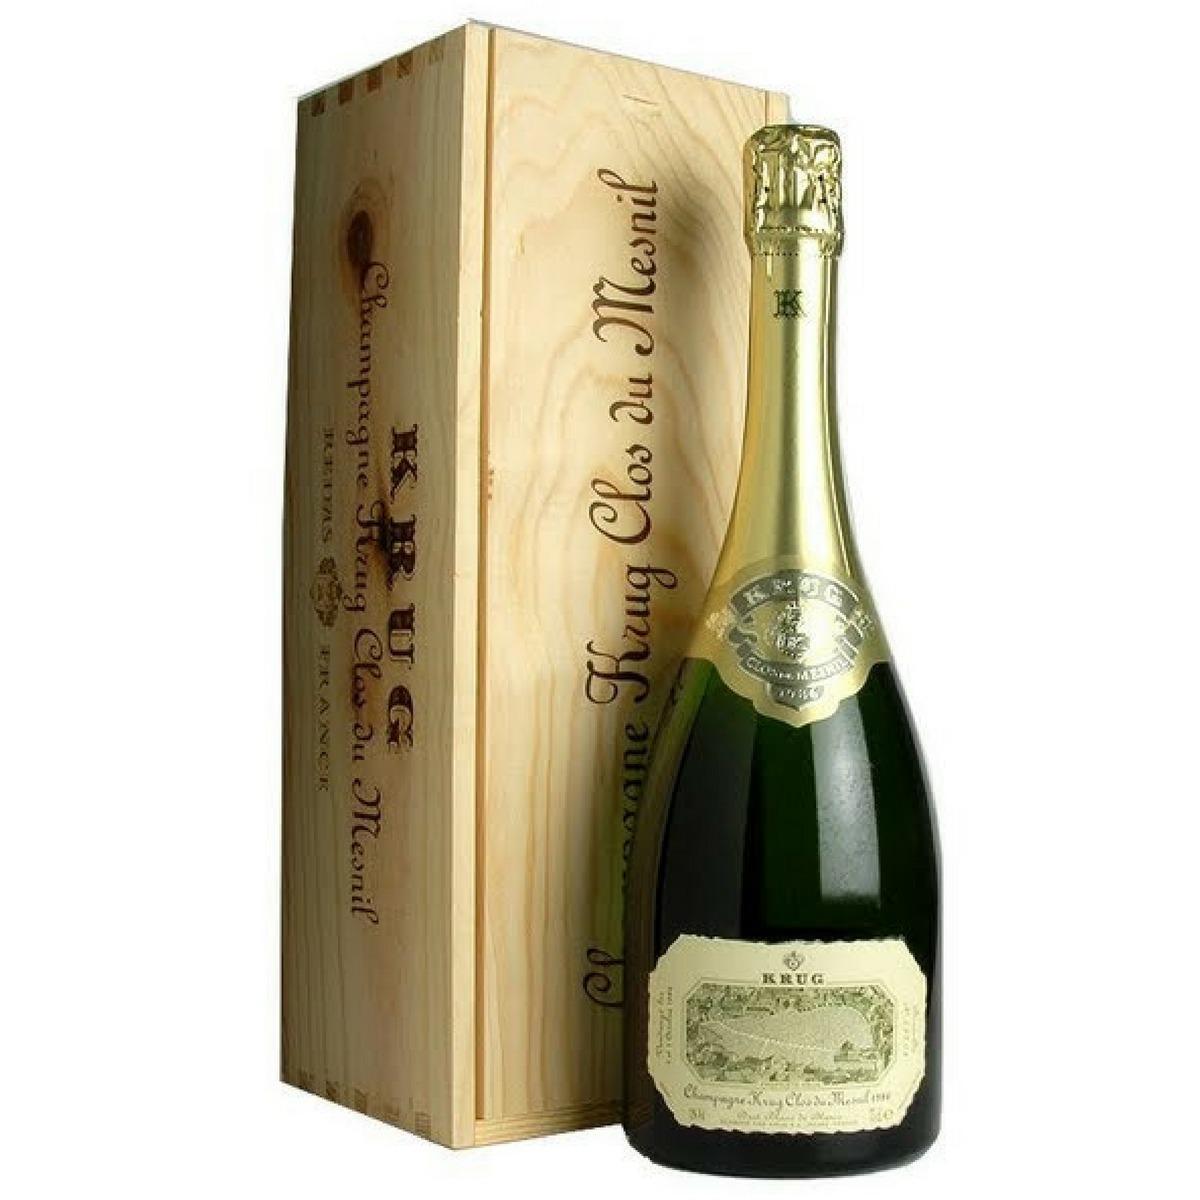 Champagne Krug Clos Du Mesnil safra 1988